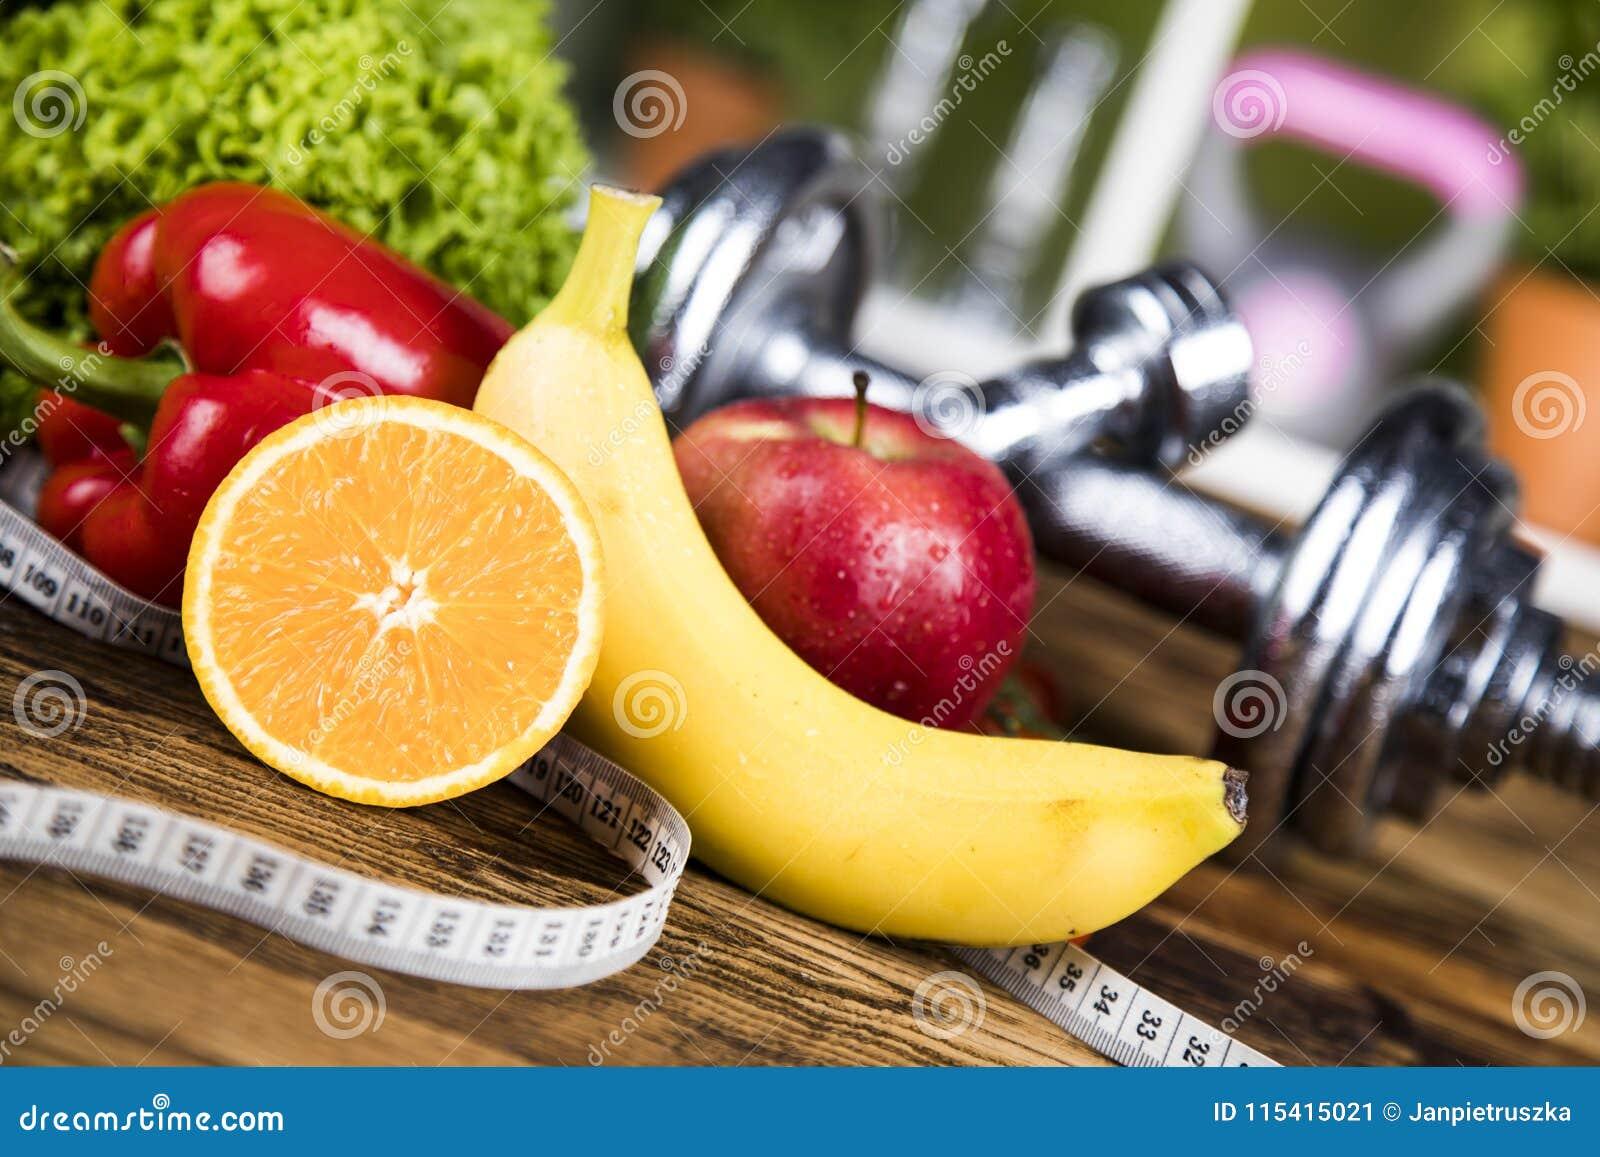 Dieta e aptidão, peso com vitamina